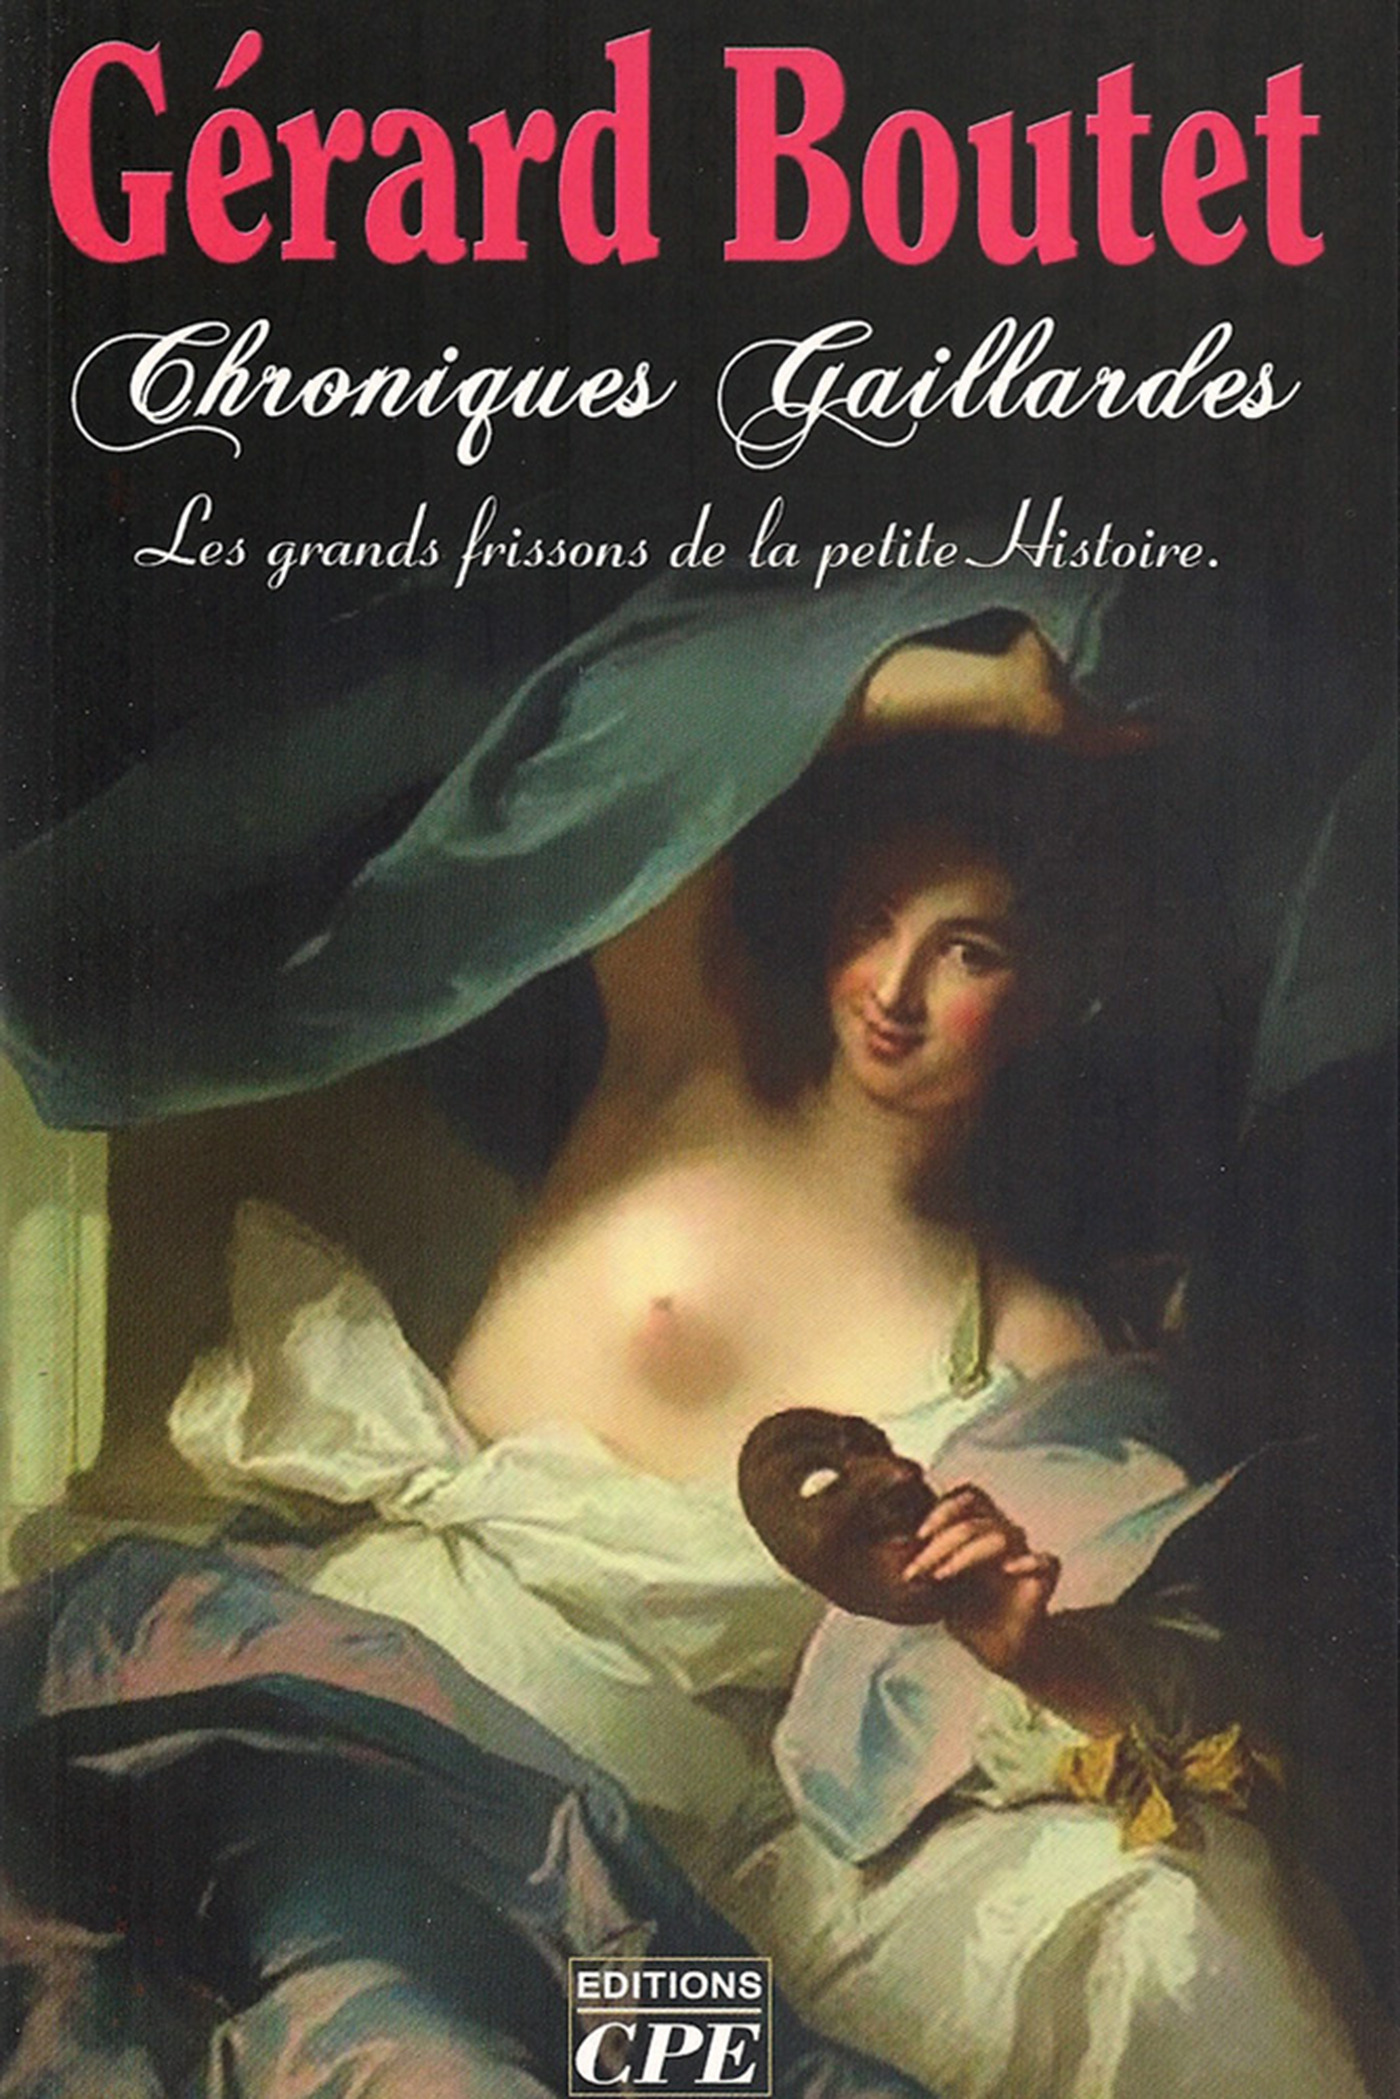 Chroniques gaillardes de Clotilde à Joséphine